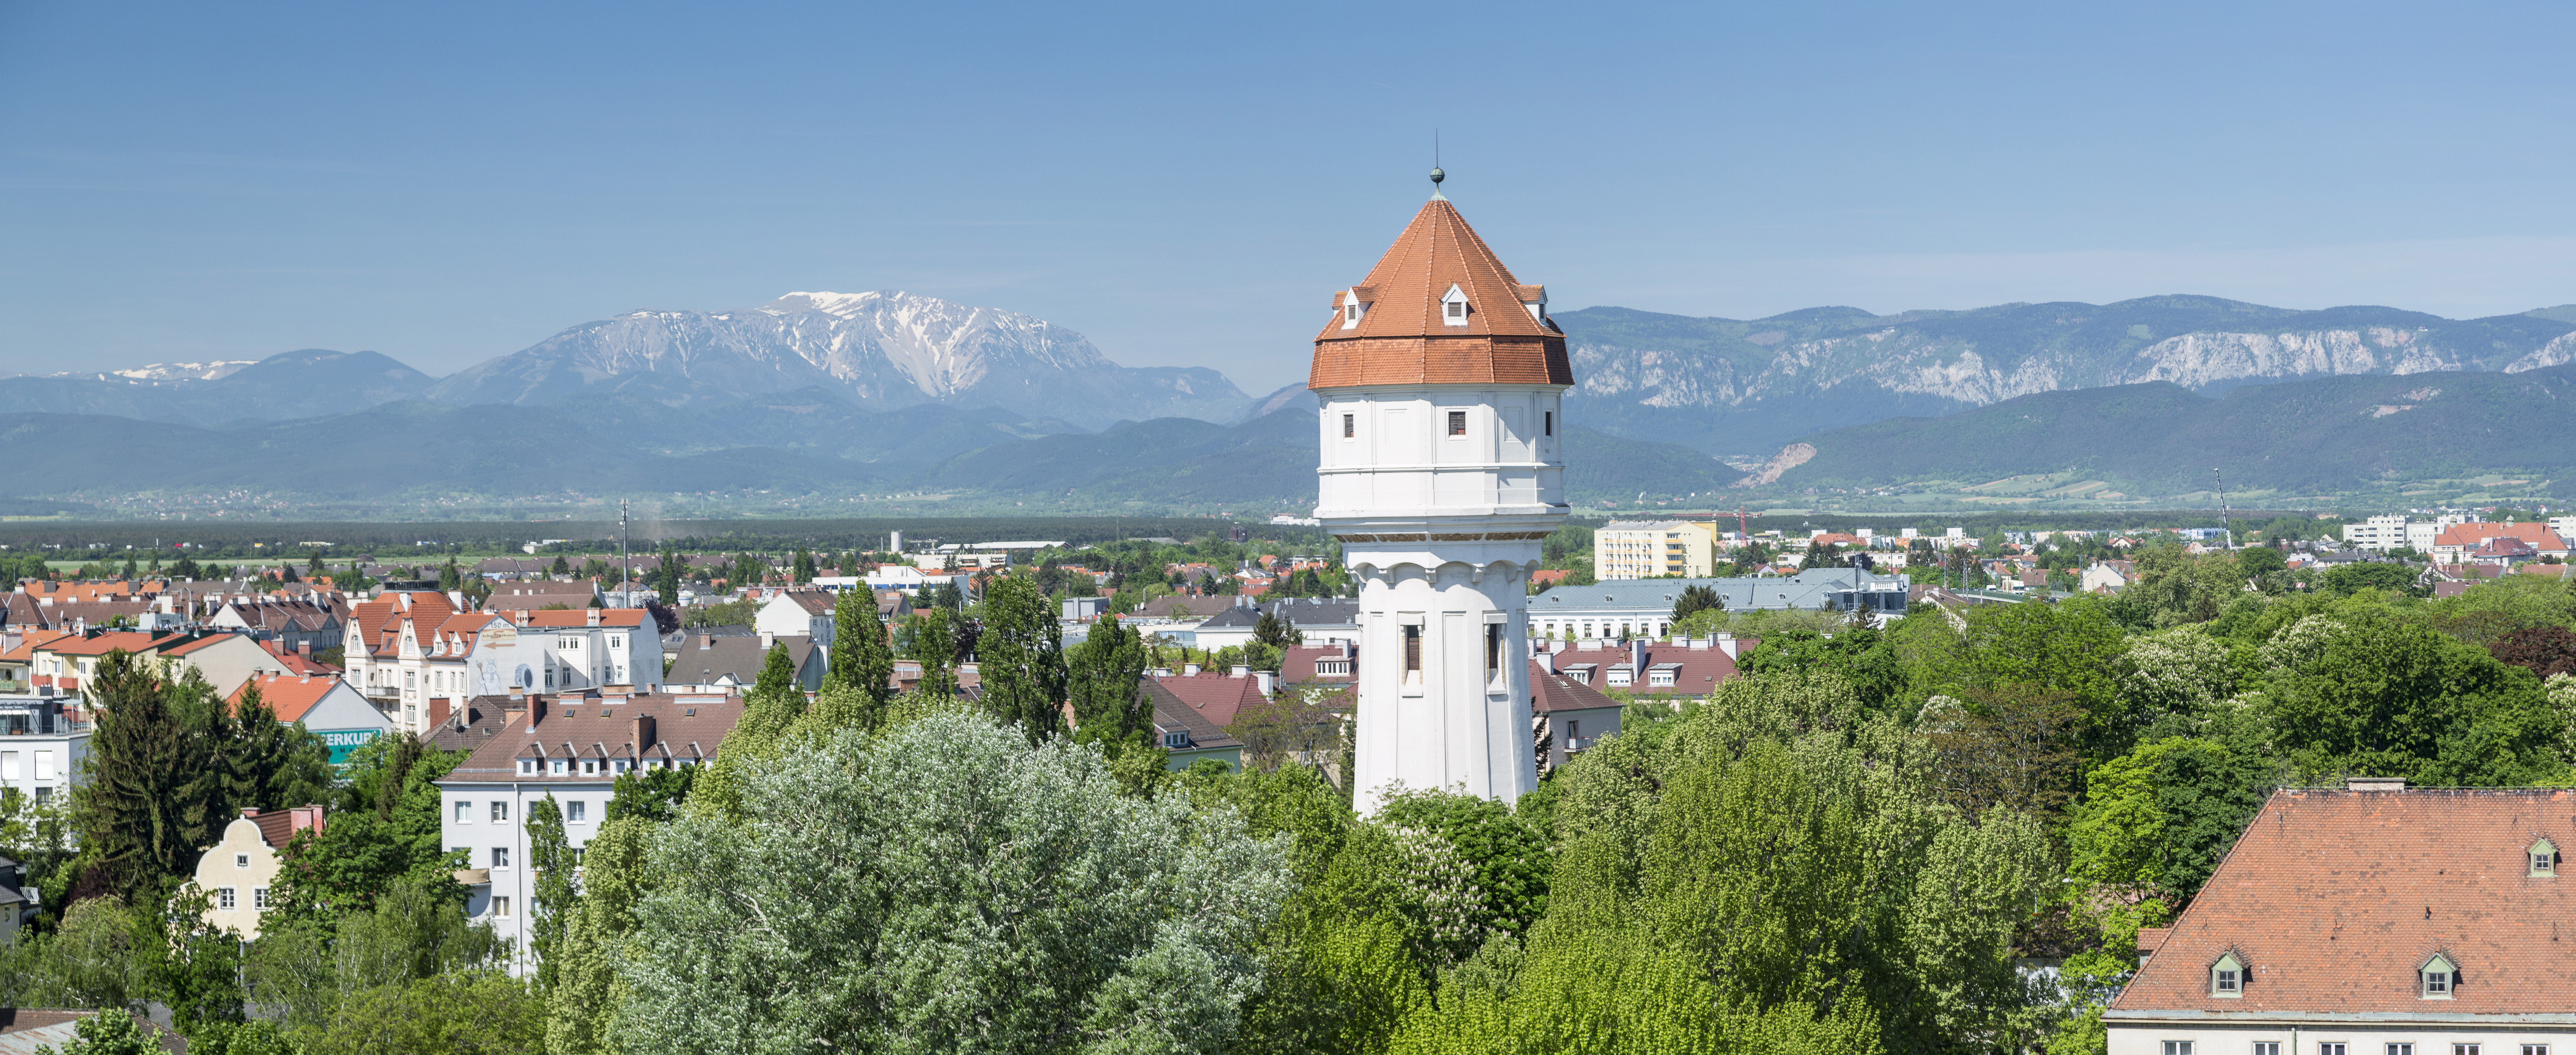 © Wiener Alpen, Zwickl